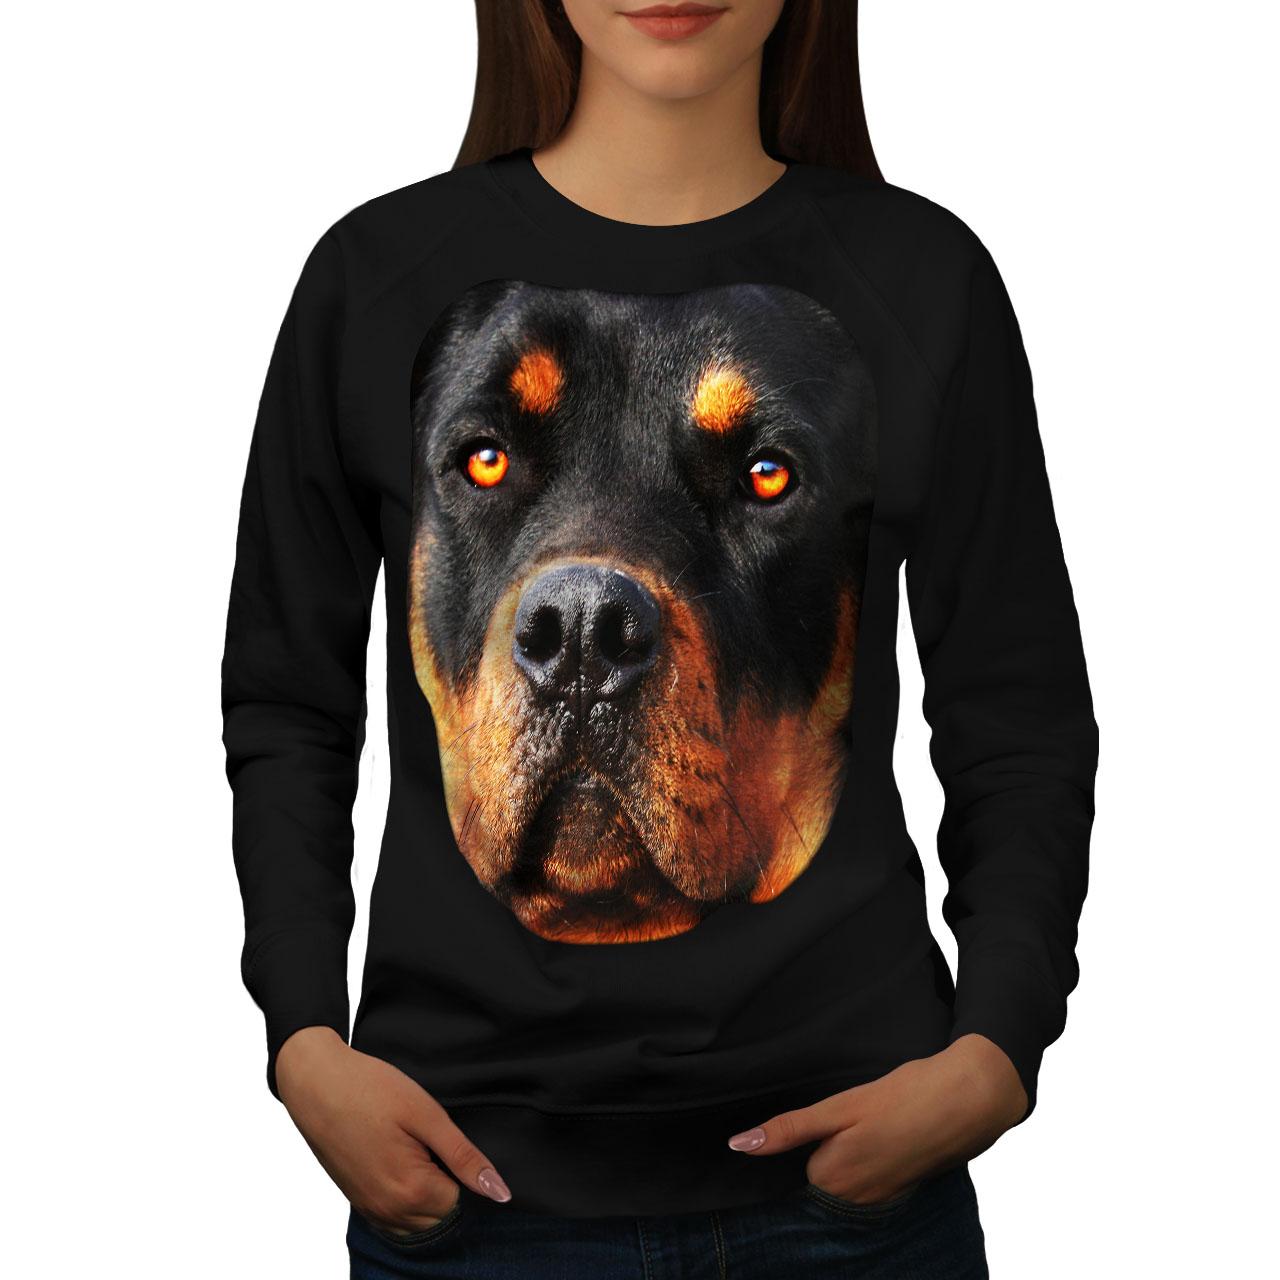 Wellcoda Rottweiler Cucciolo Animale Da Donna Felpa BELLISSIMO Casual Pullover Maglione